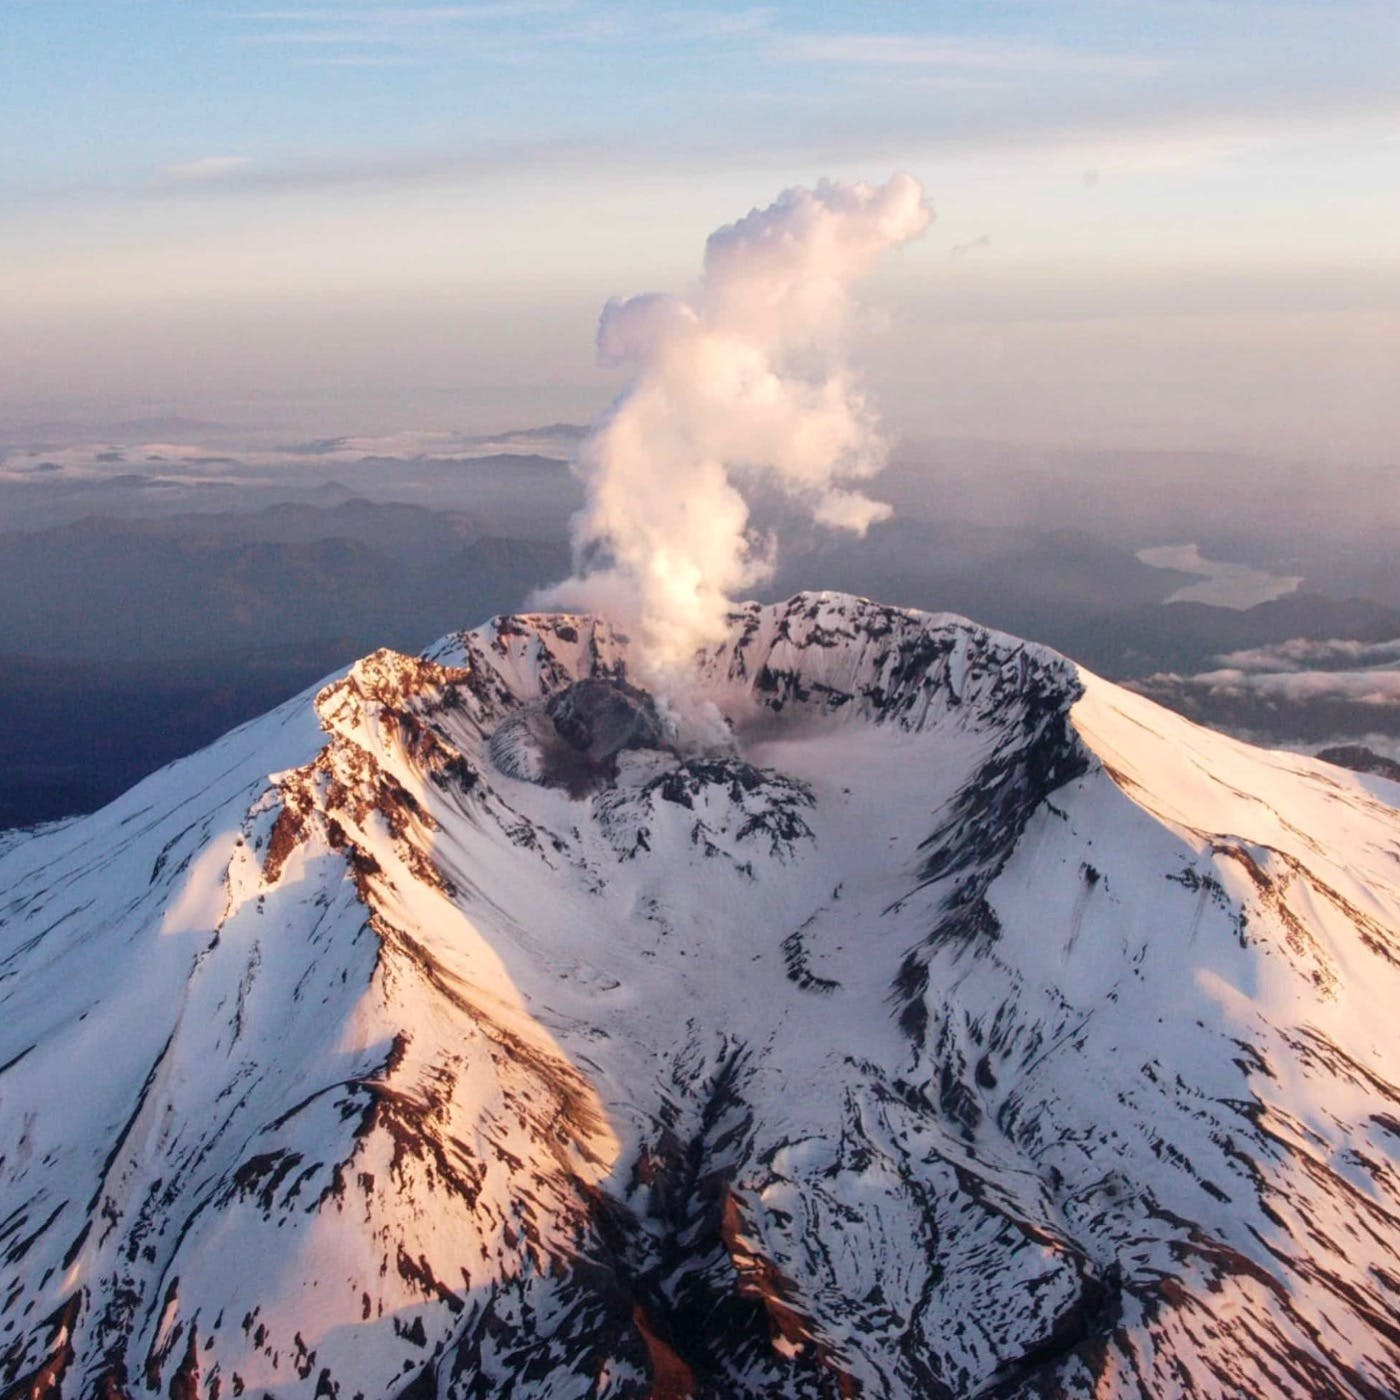 40 Climbing Mount St. Helens